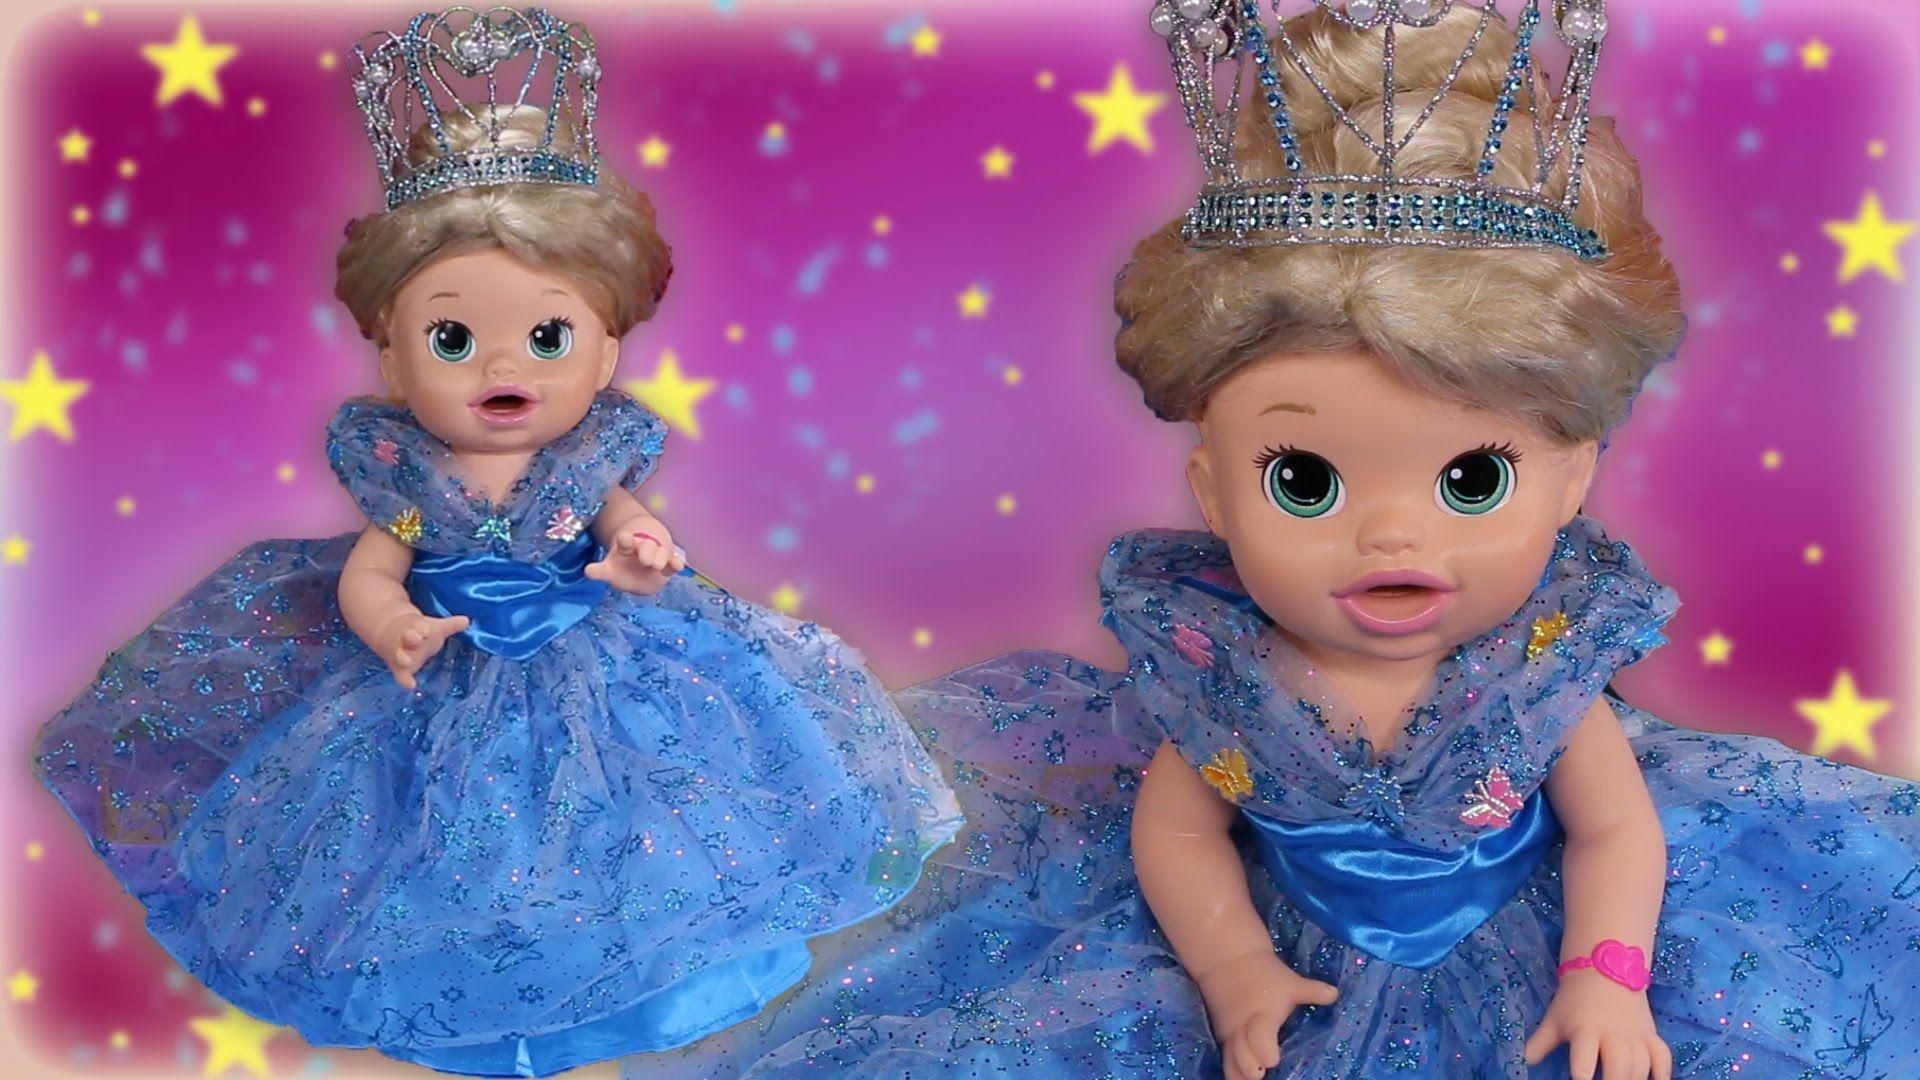 Cinderella Custom Baby Alive Disney Princess Poops Eats Play Doh Toys Surprises Baby Alive Custom Baby Play Doh Toys